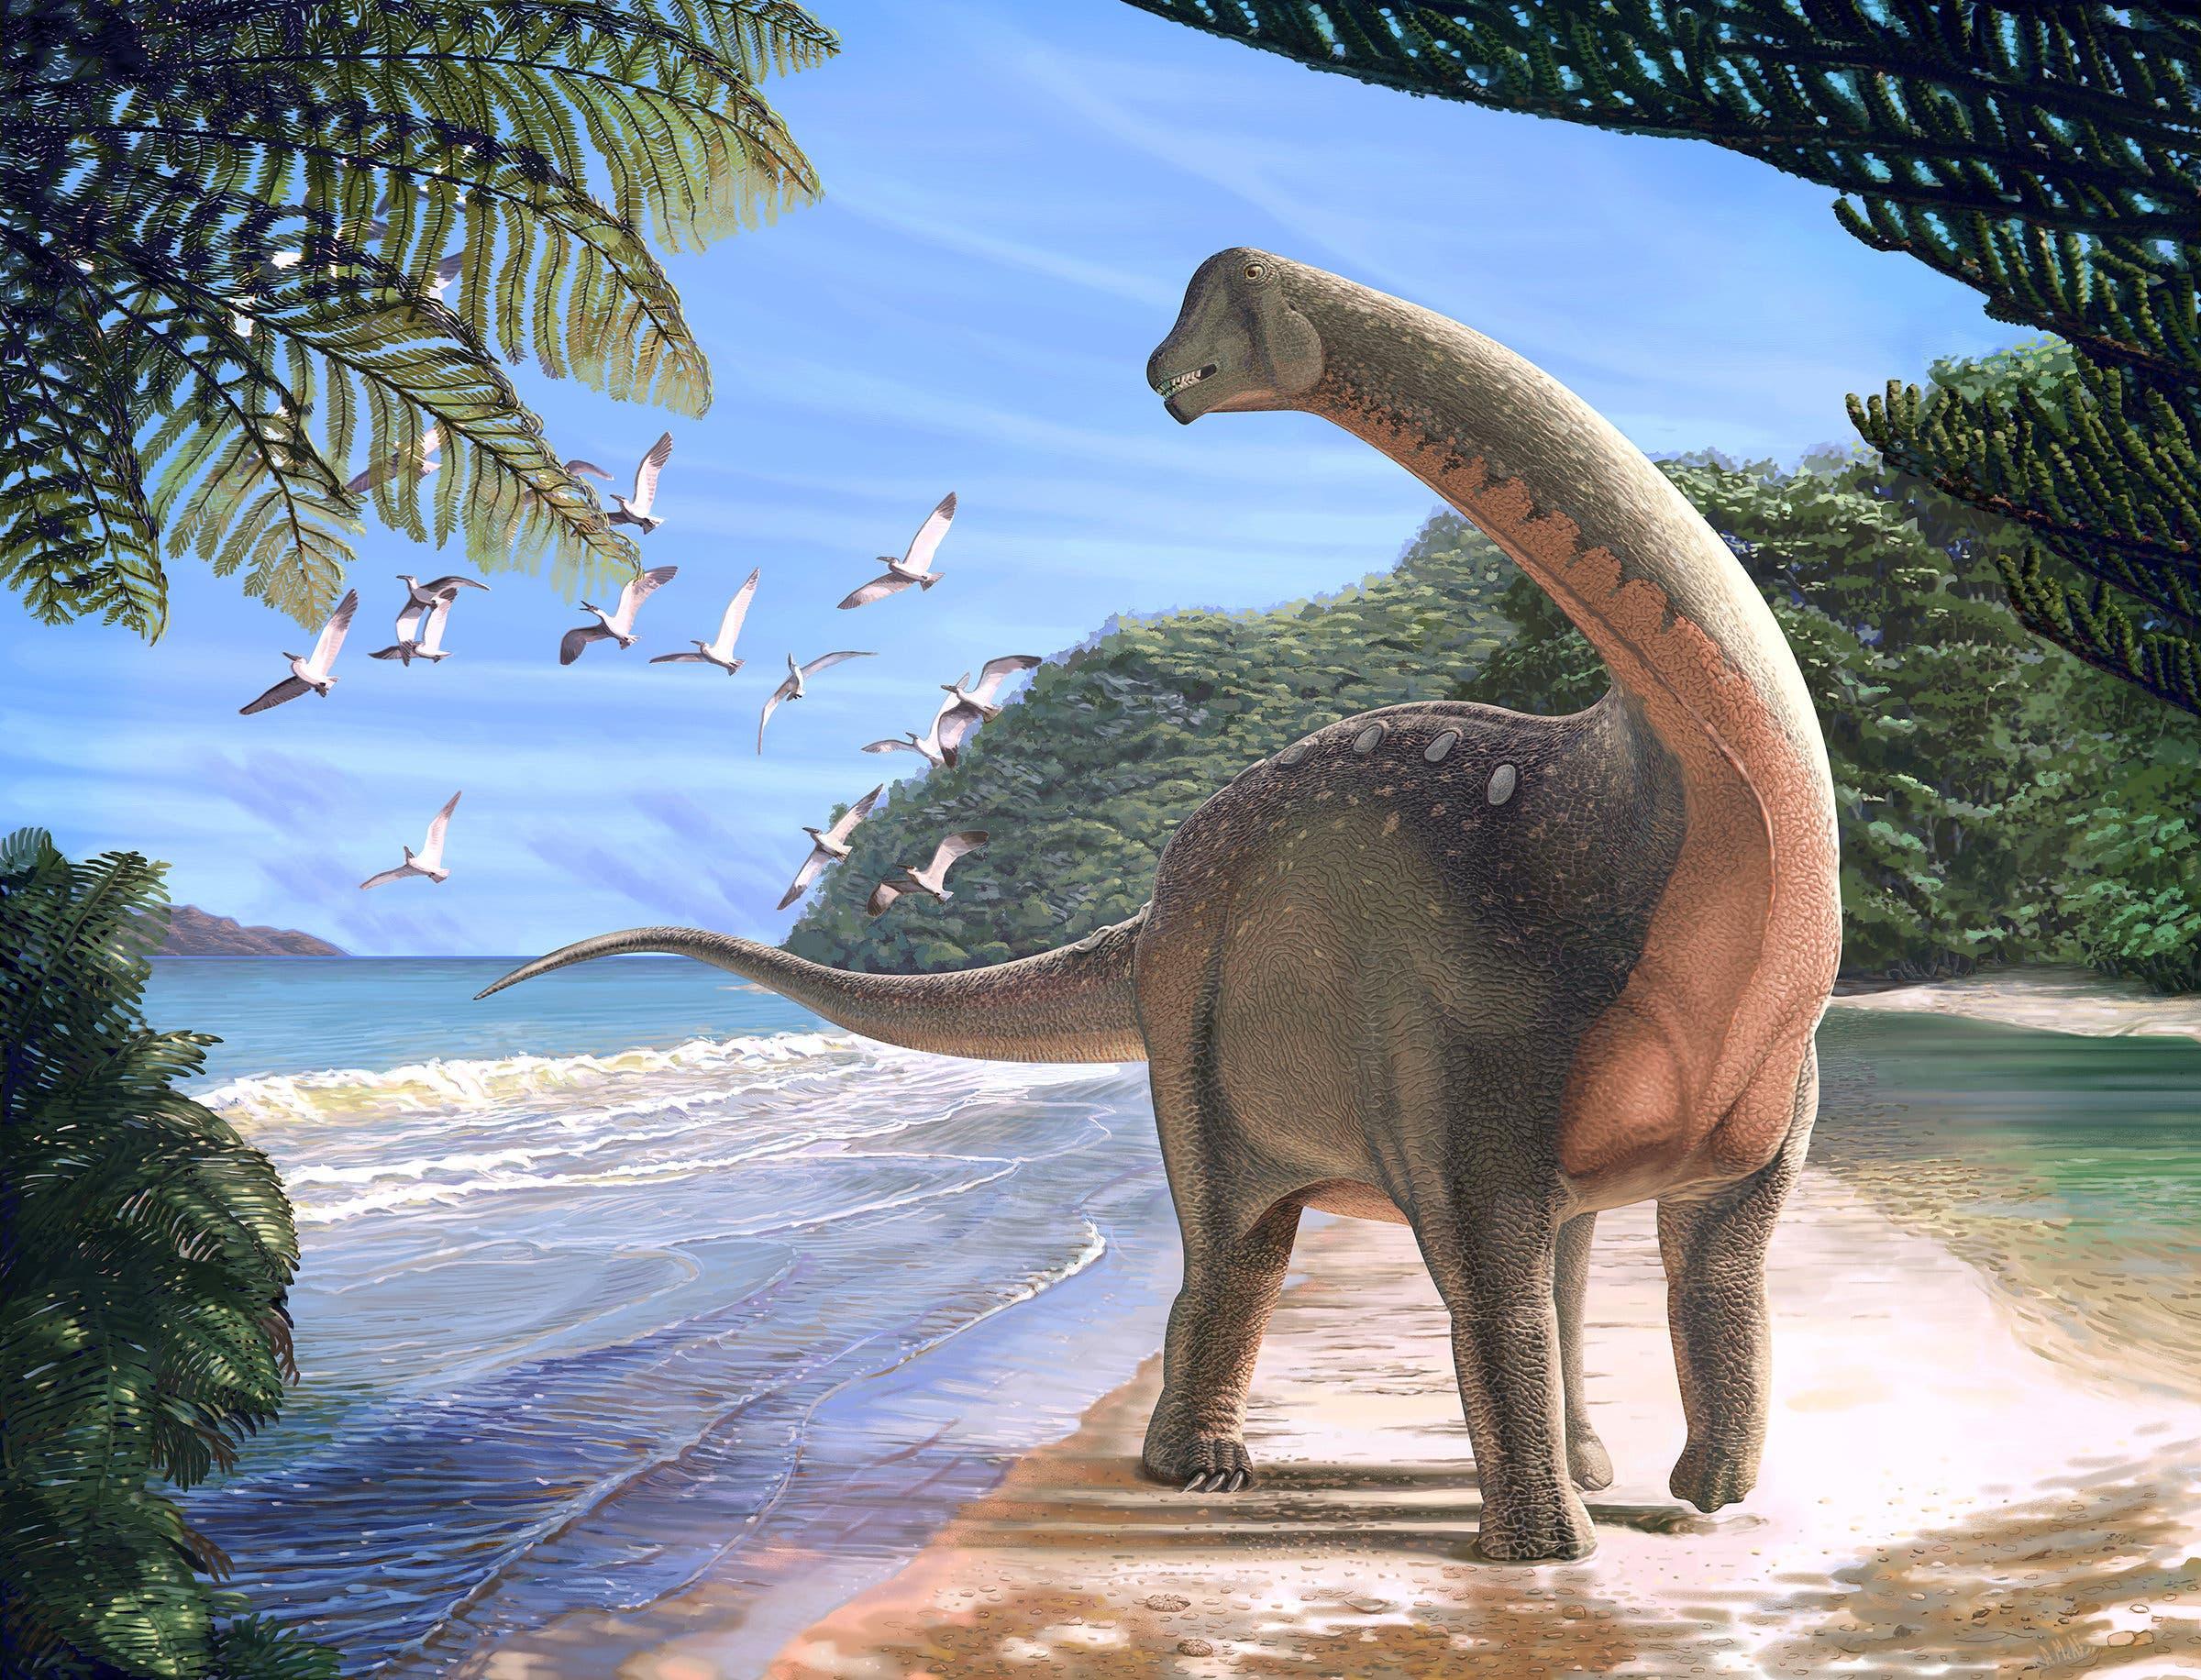 الديناصورات من الزّواحف، وهي في ذلك كالسَّلاحف والأفاعي والعظايا التي تعيش  اليوم على سطح الأرض.